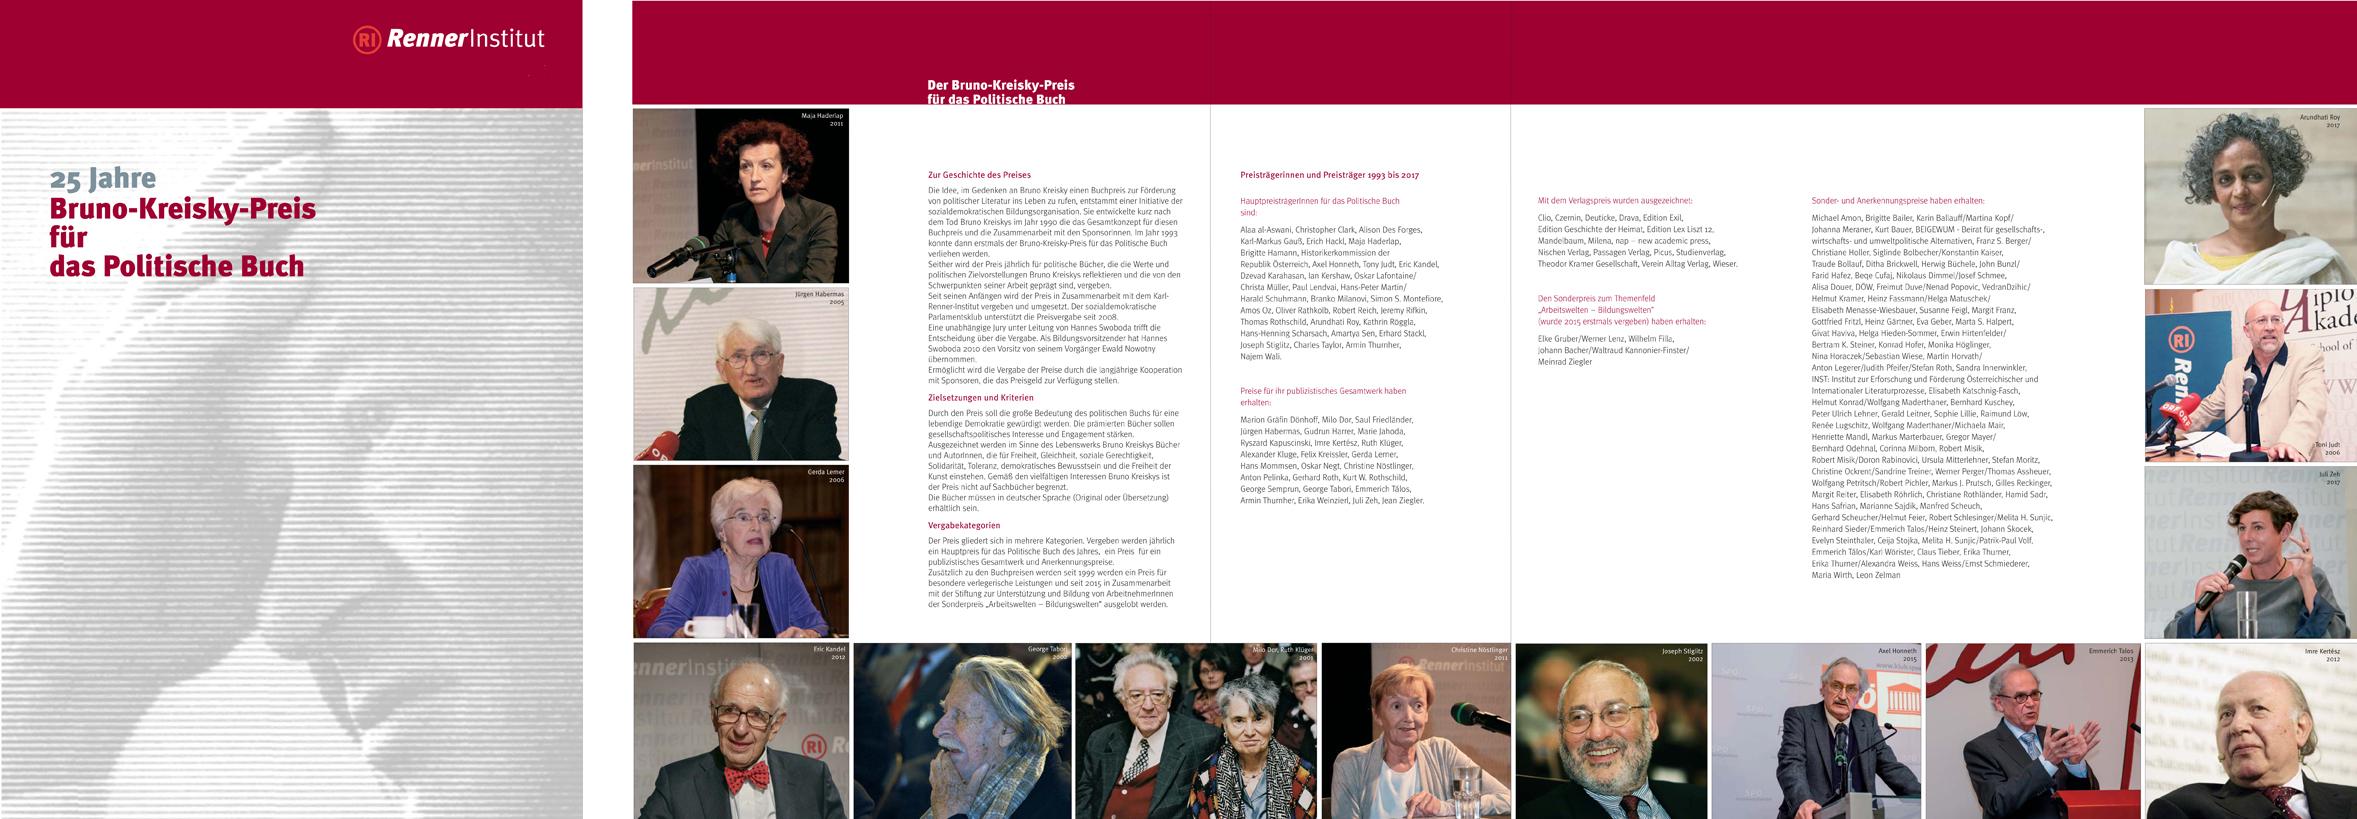 Bruno Kreisky Preis für das Politische Buch, Publications, Certifications for the Renner-institut, Wien